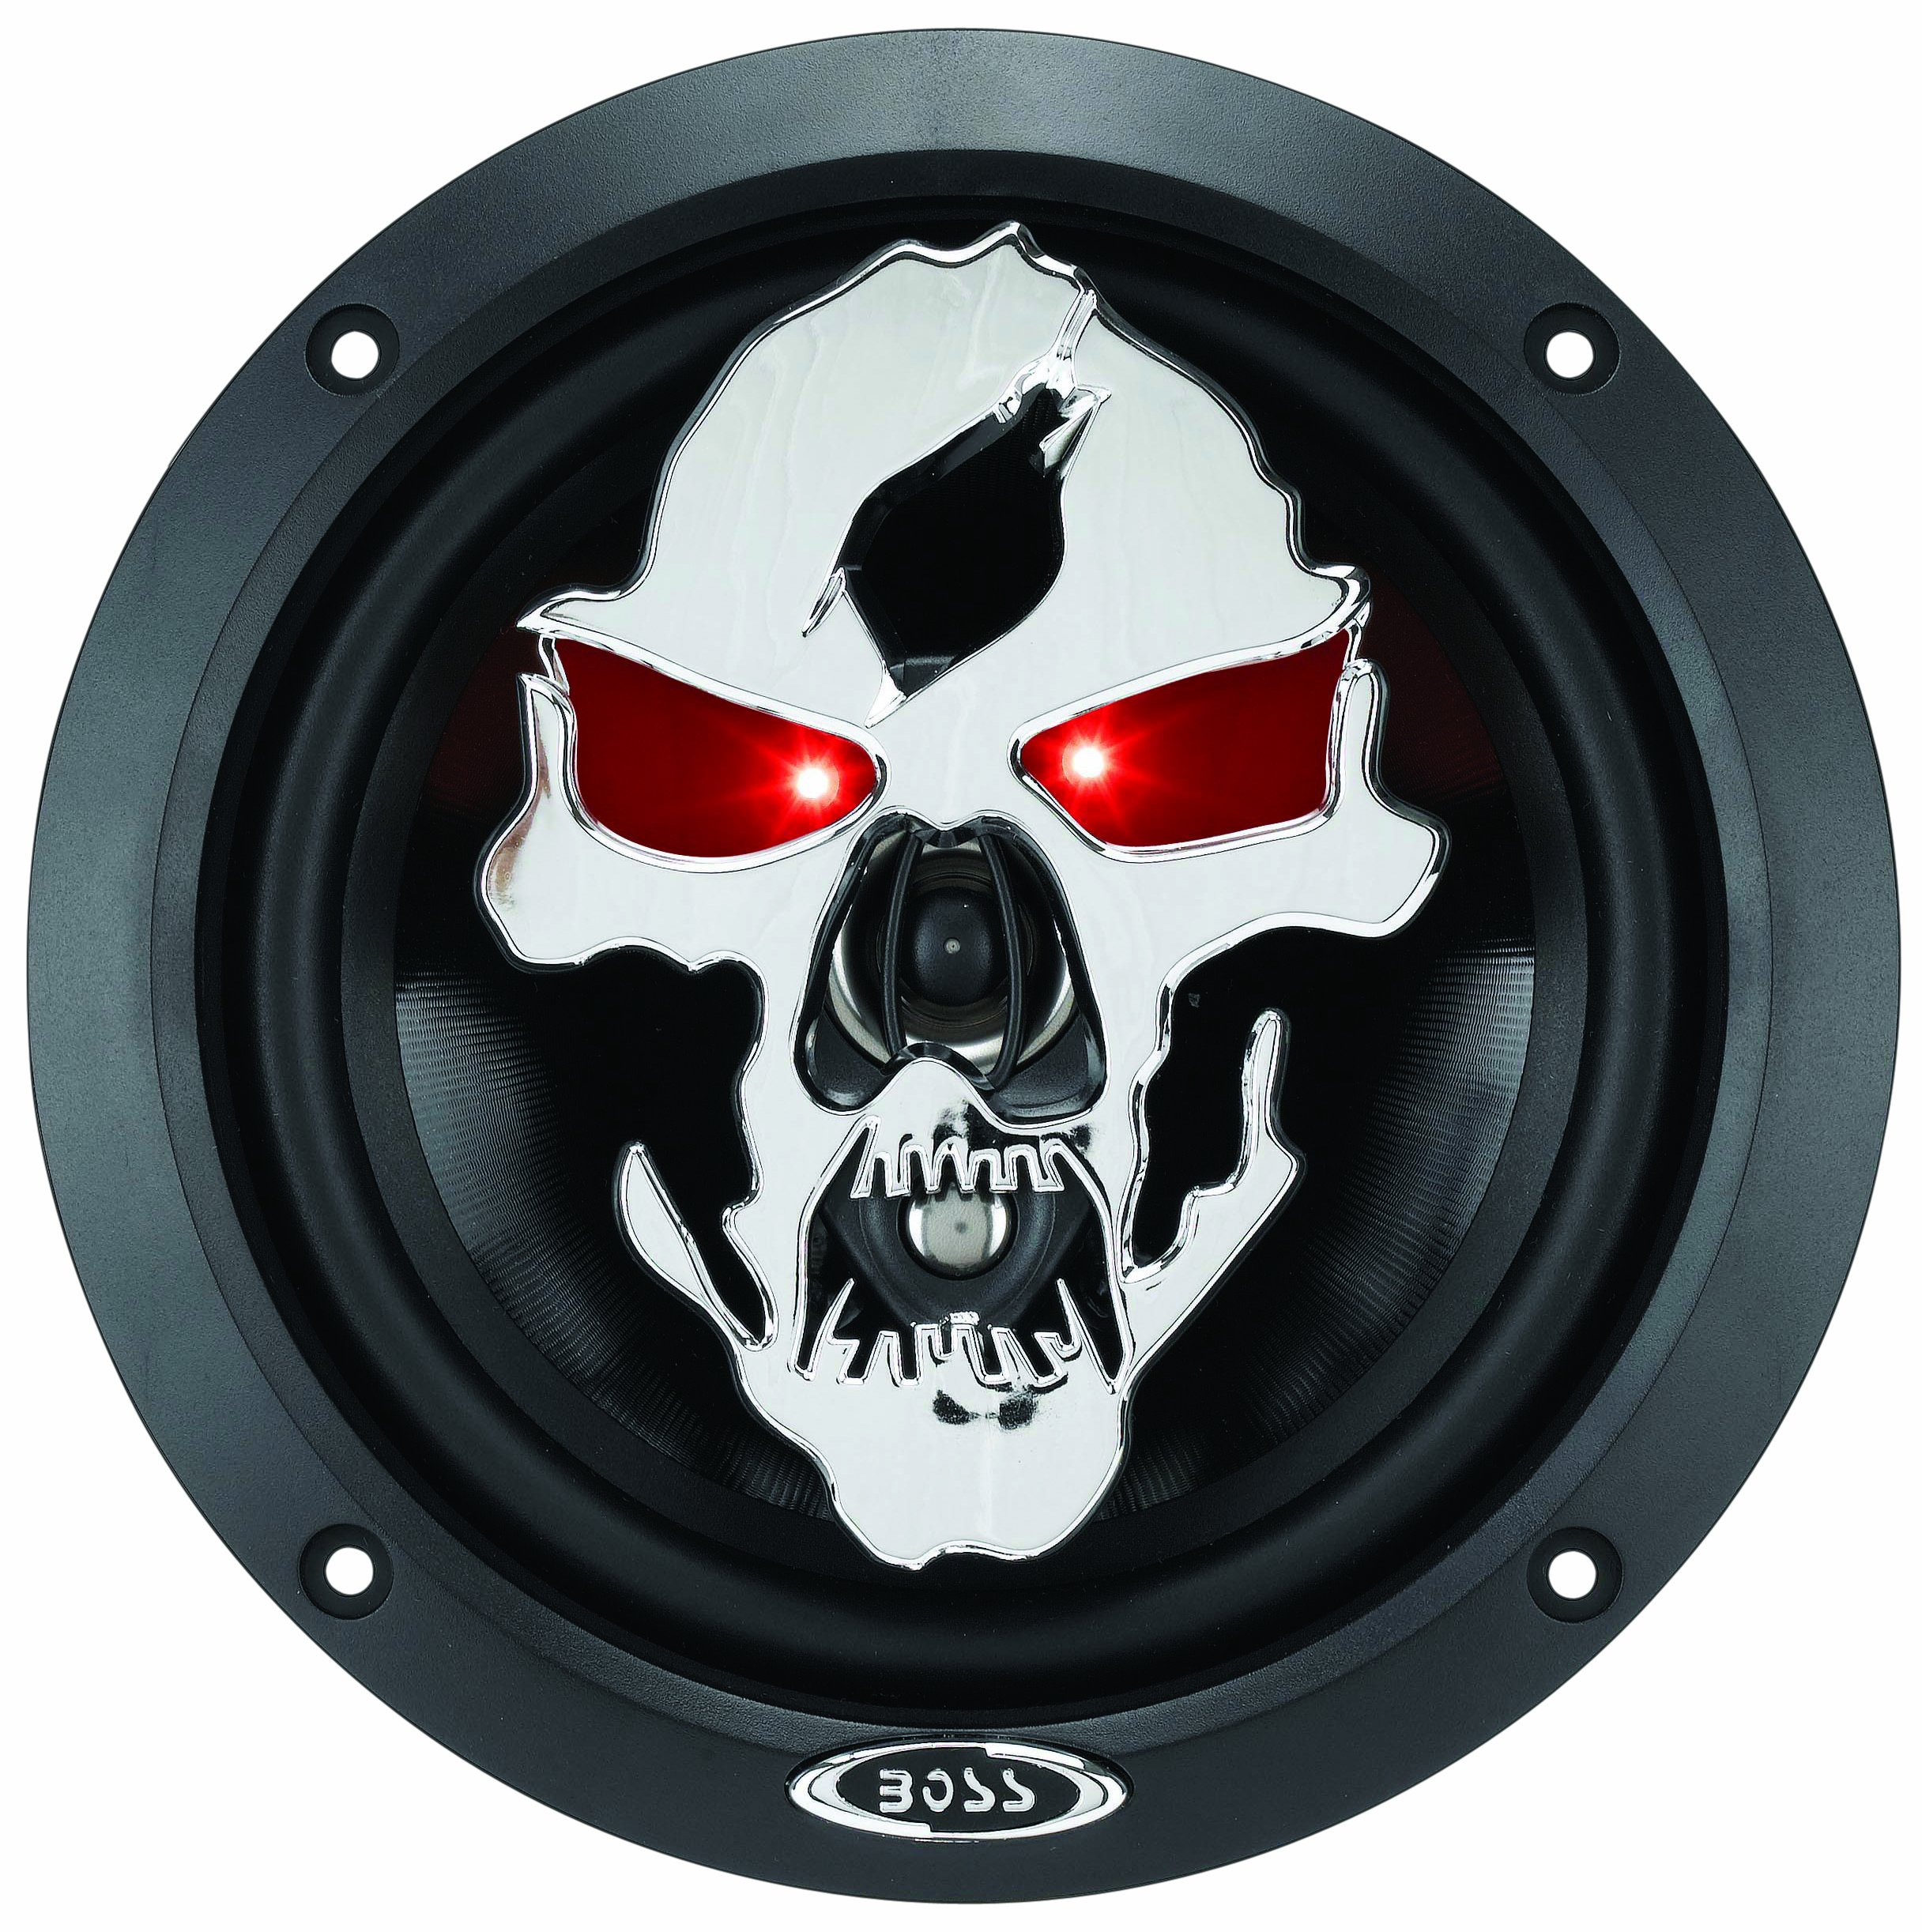 BOSS Audio SK653 Phantom Skull 6.5-Inches 3-way 350W Full Range Speaker